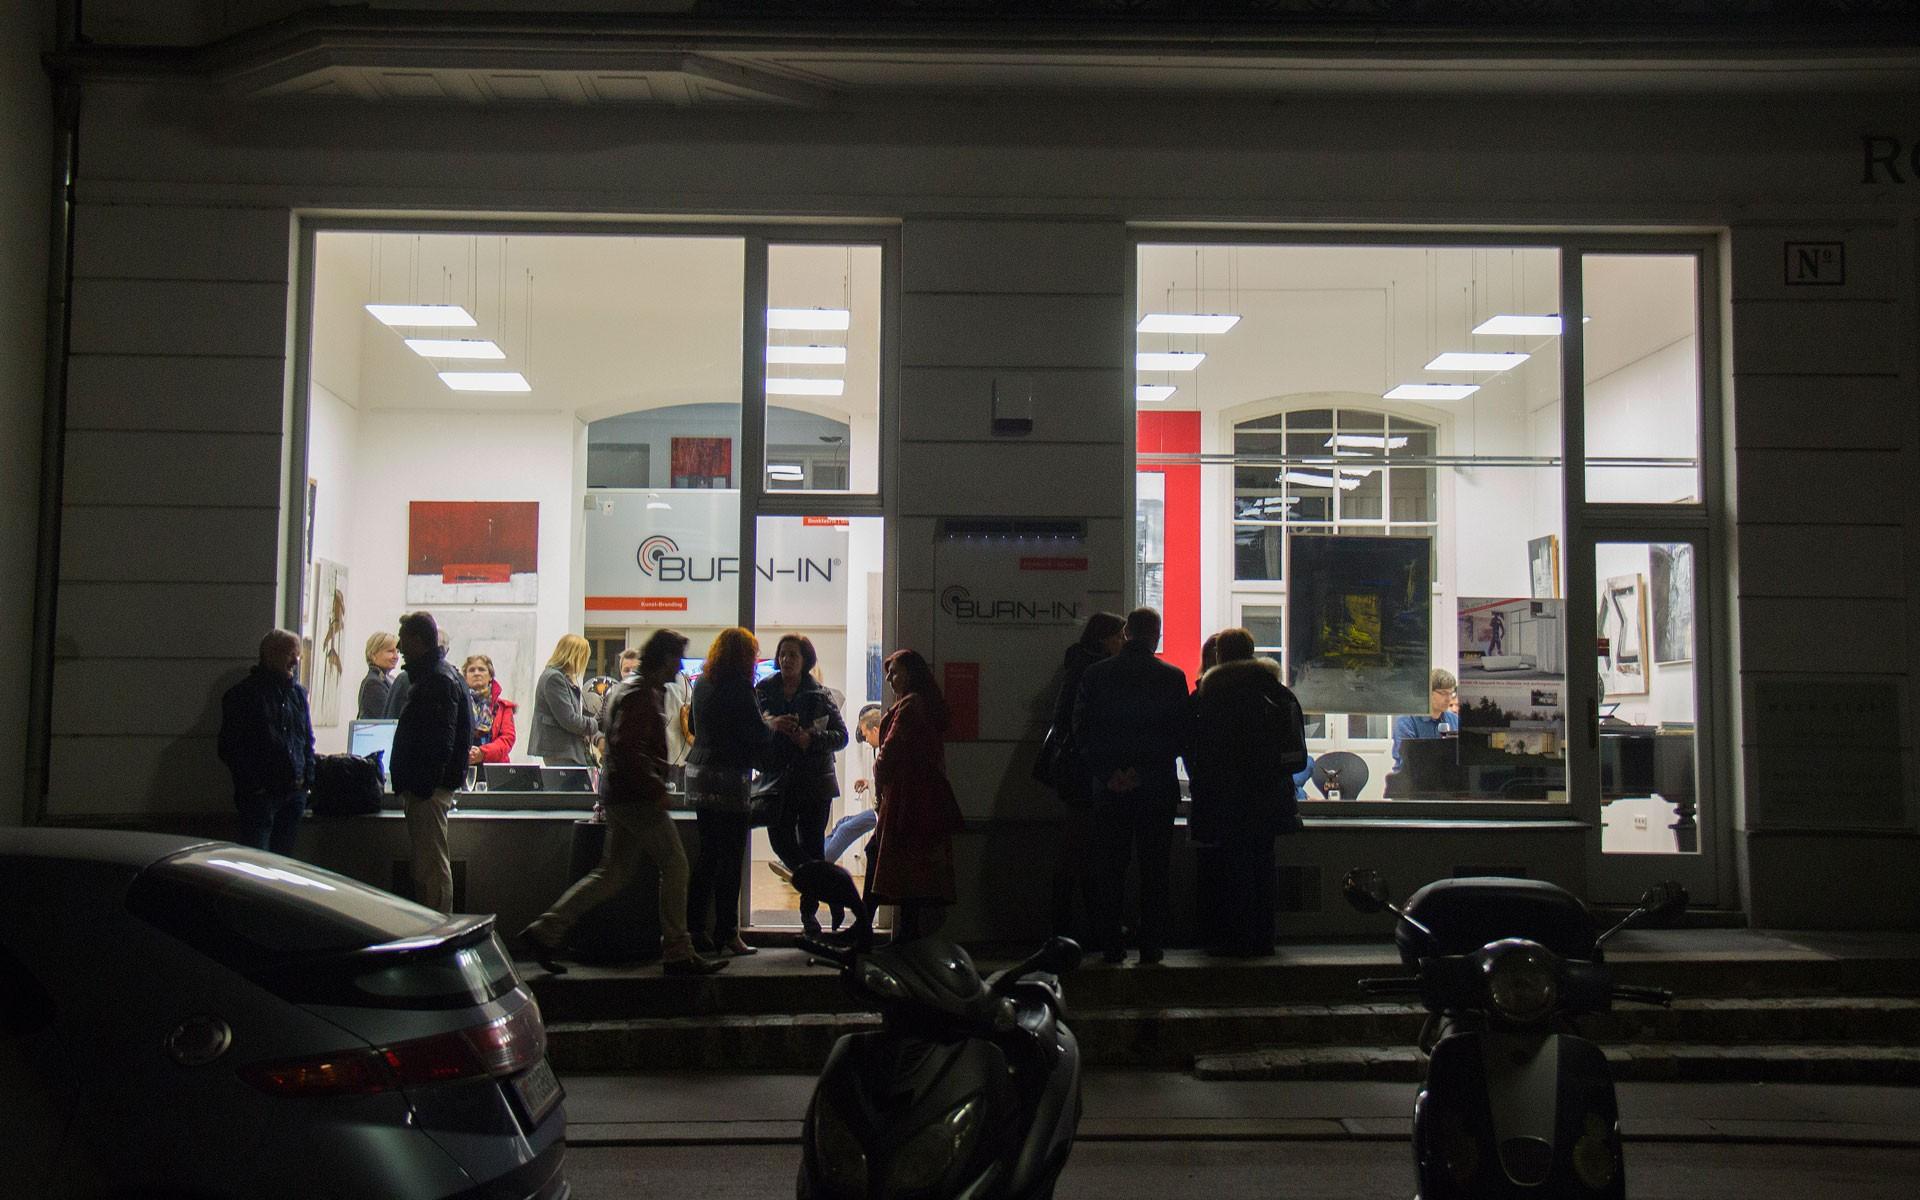 BURN-IN Galerie bei Nacht